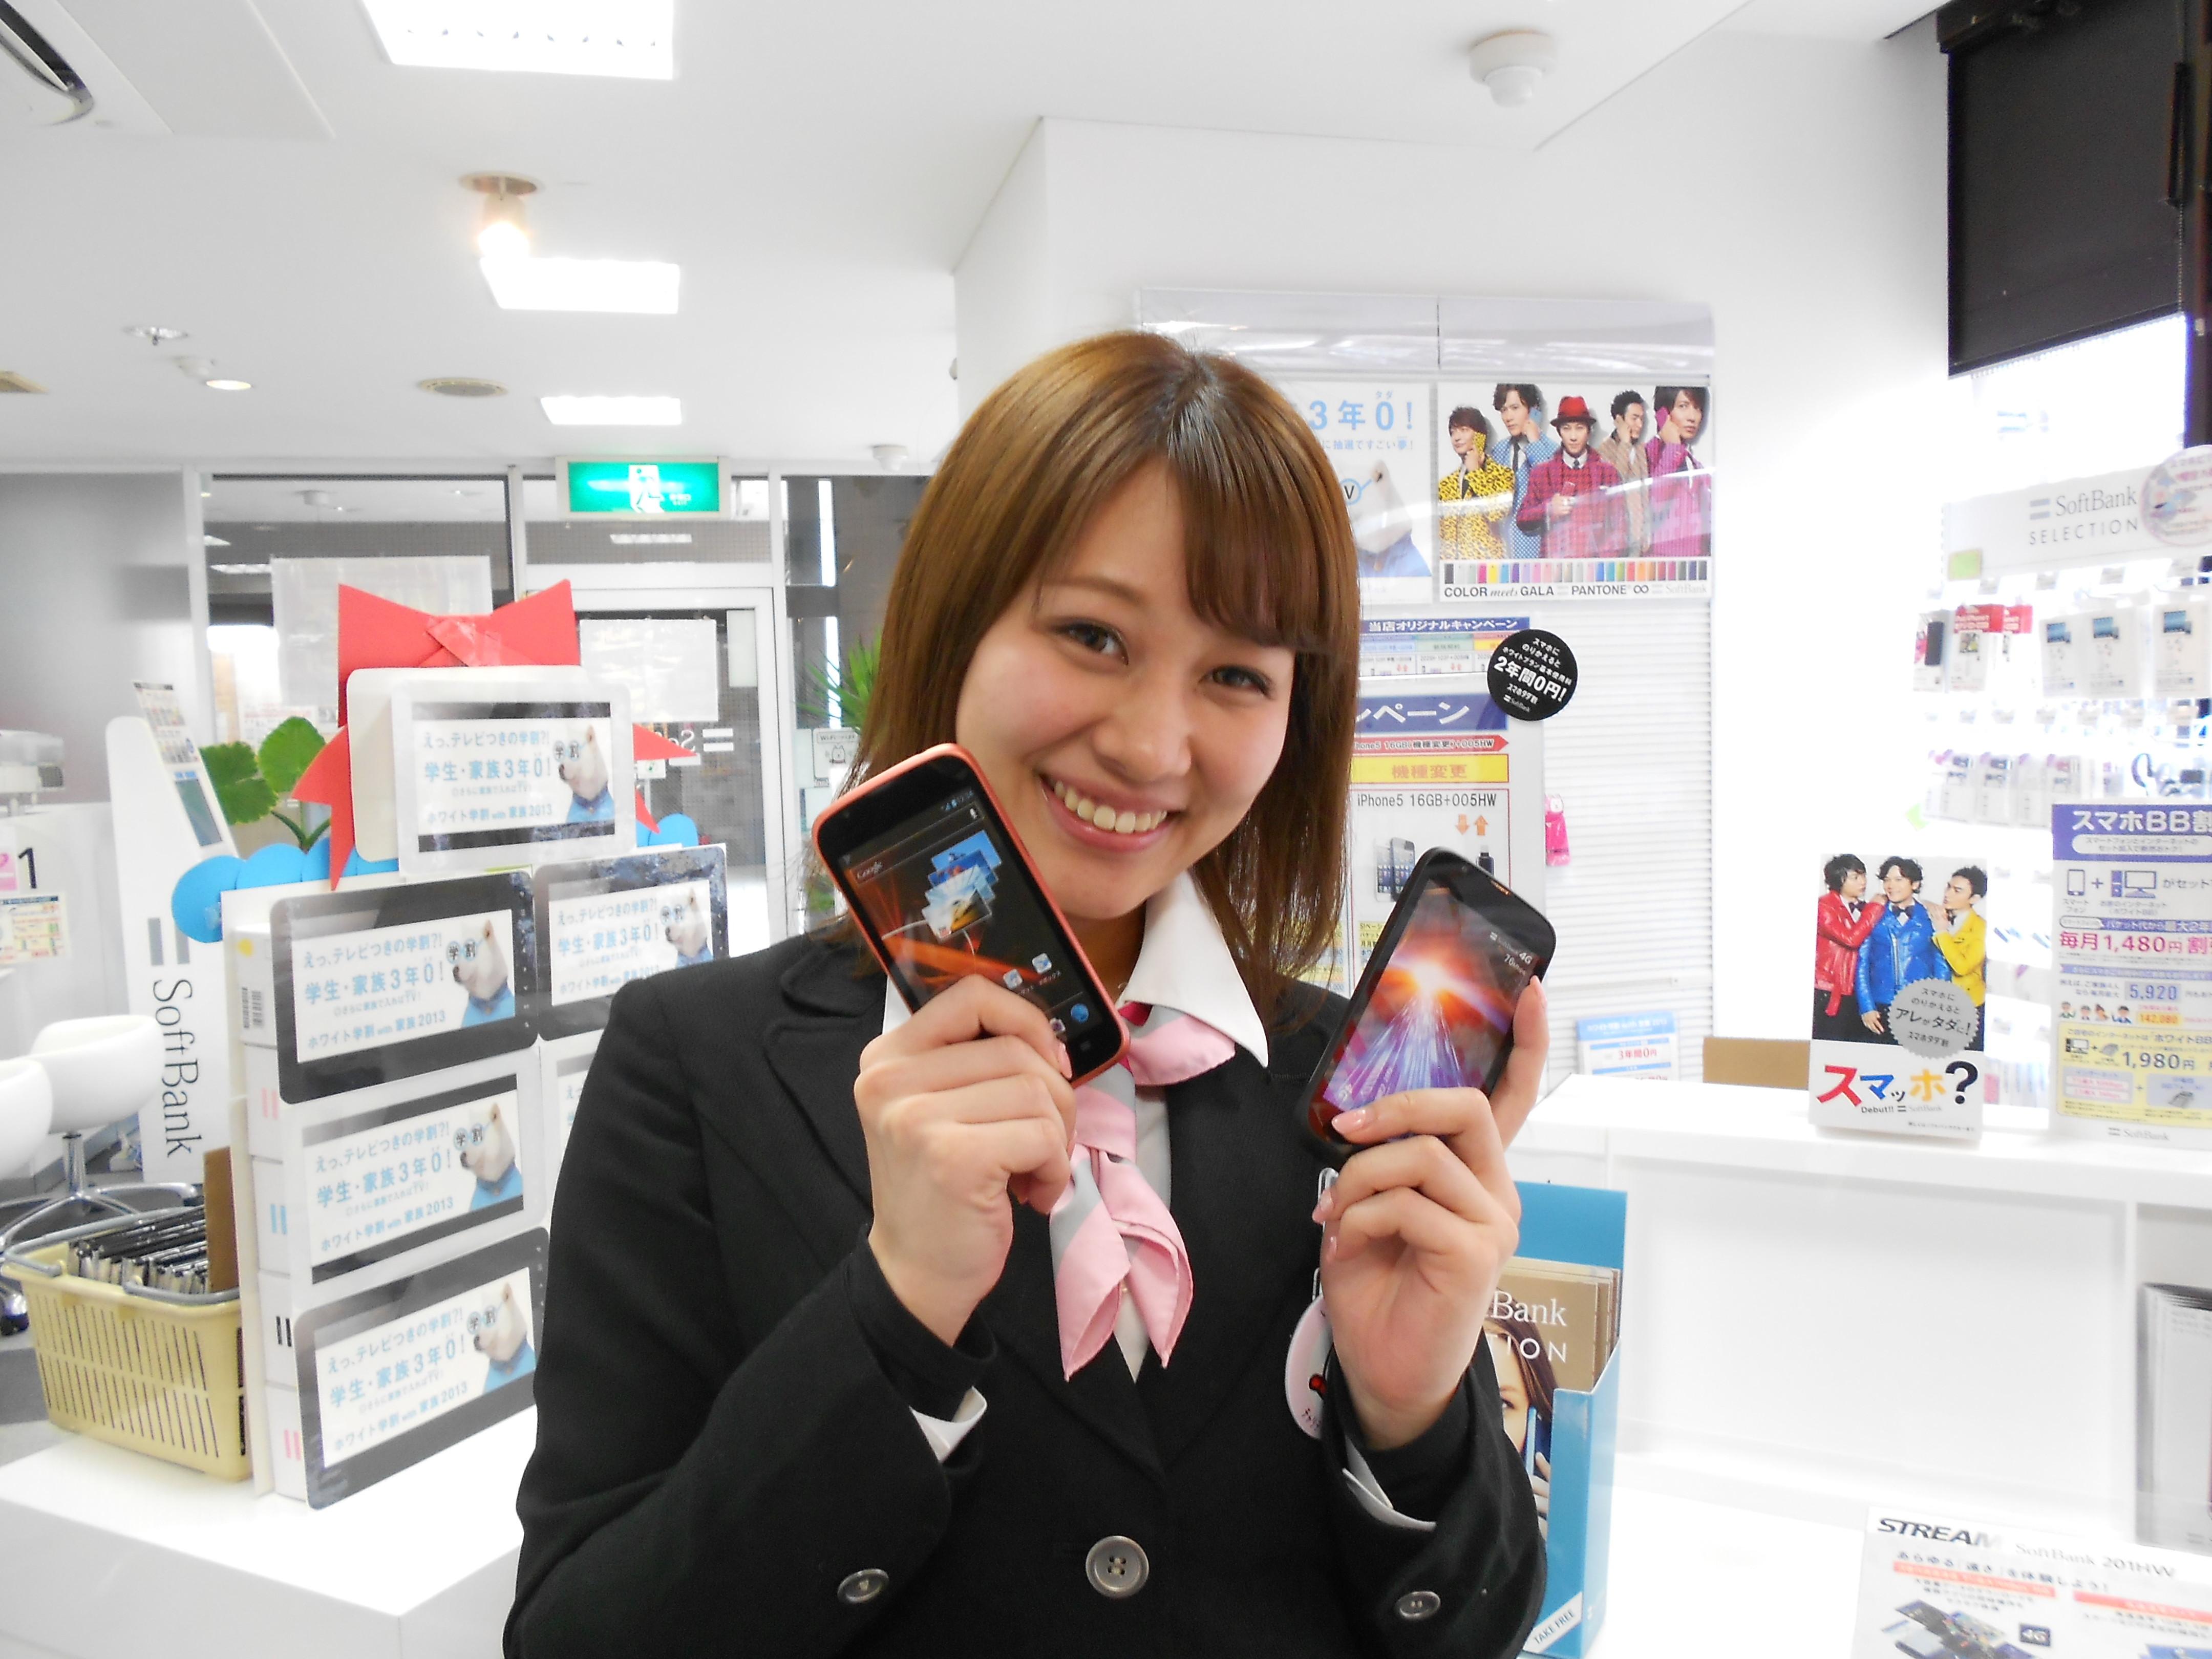 テックランド 横浜金沢店(株式会社シエロ)のアルバイト情報